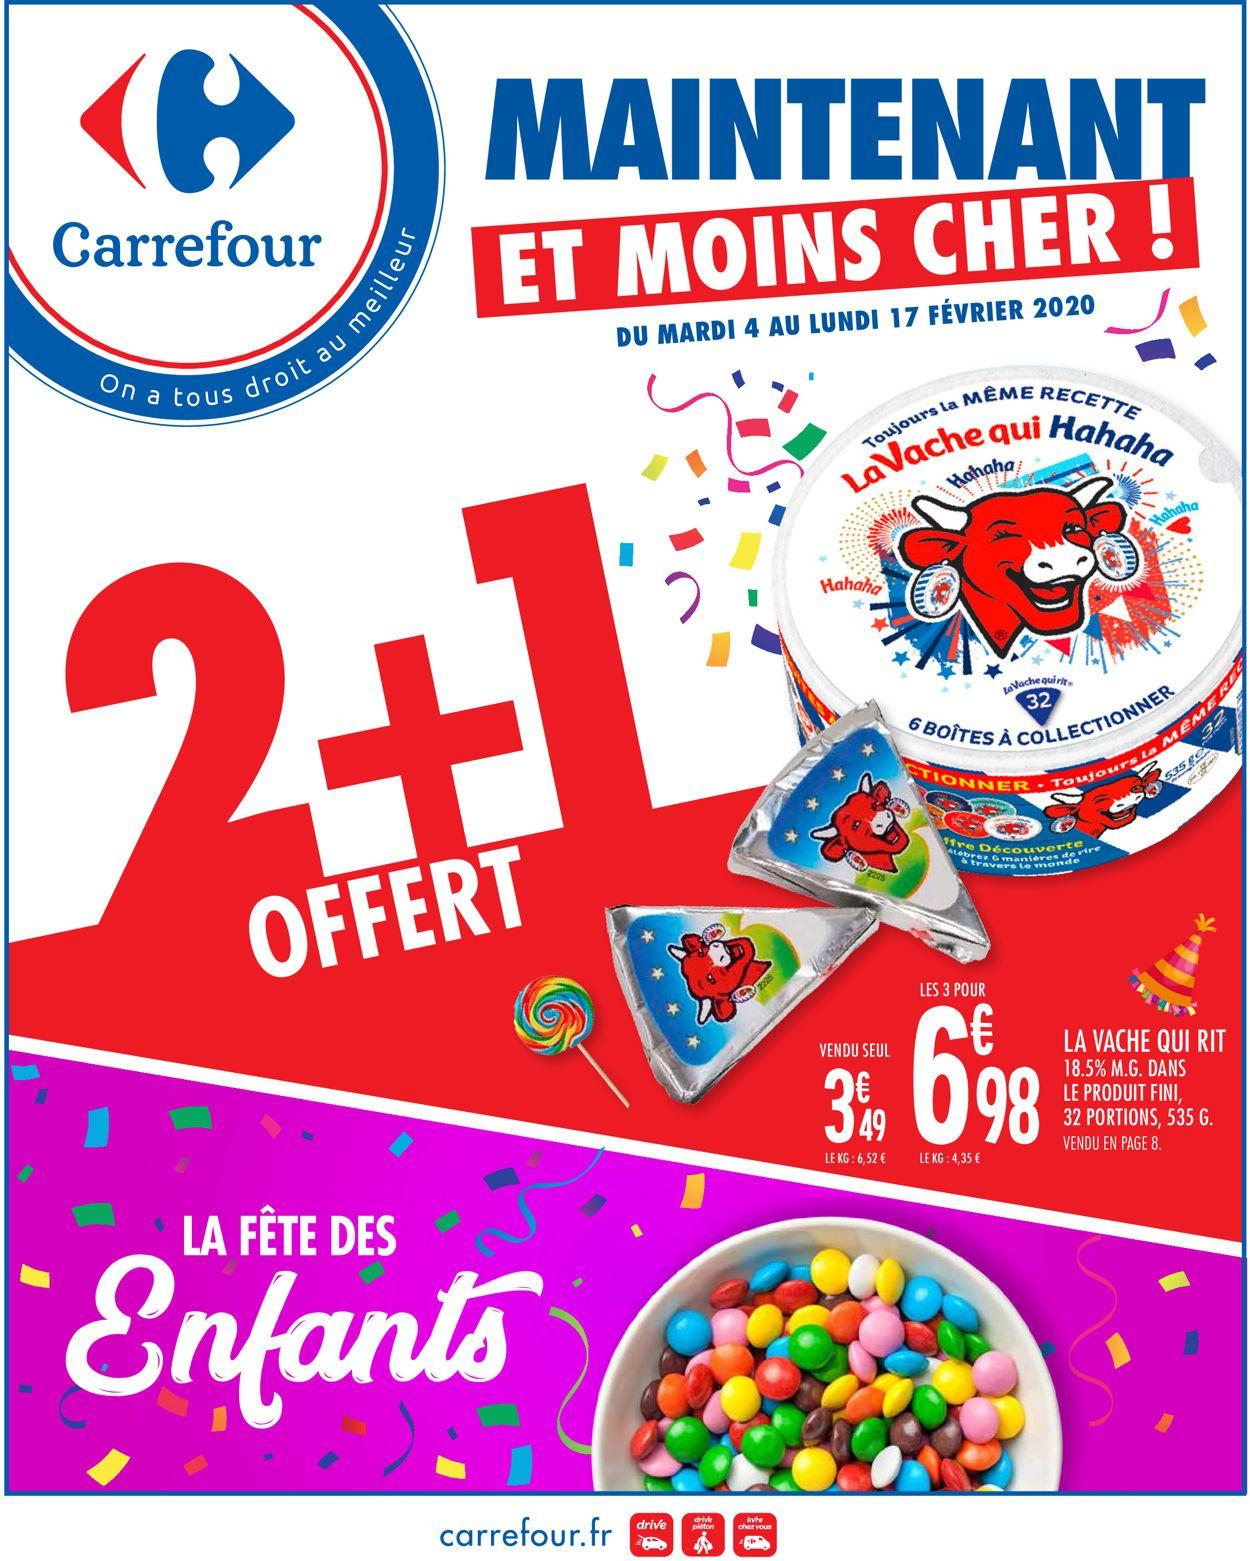 Carrefour Catalogue - 04.02-17.02.2020